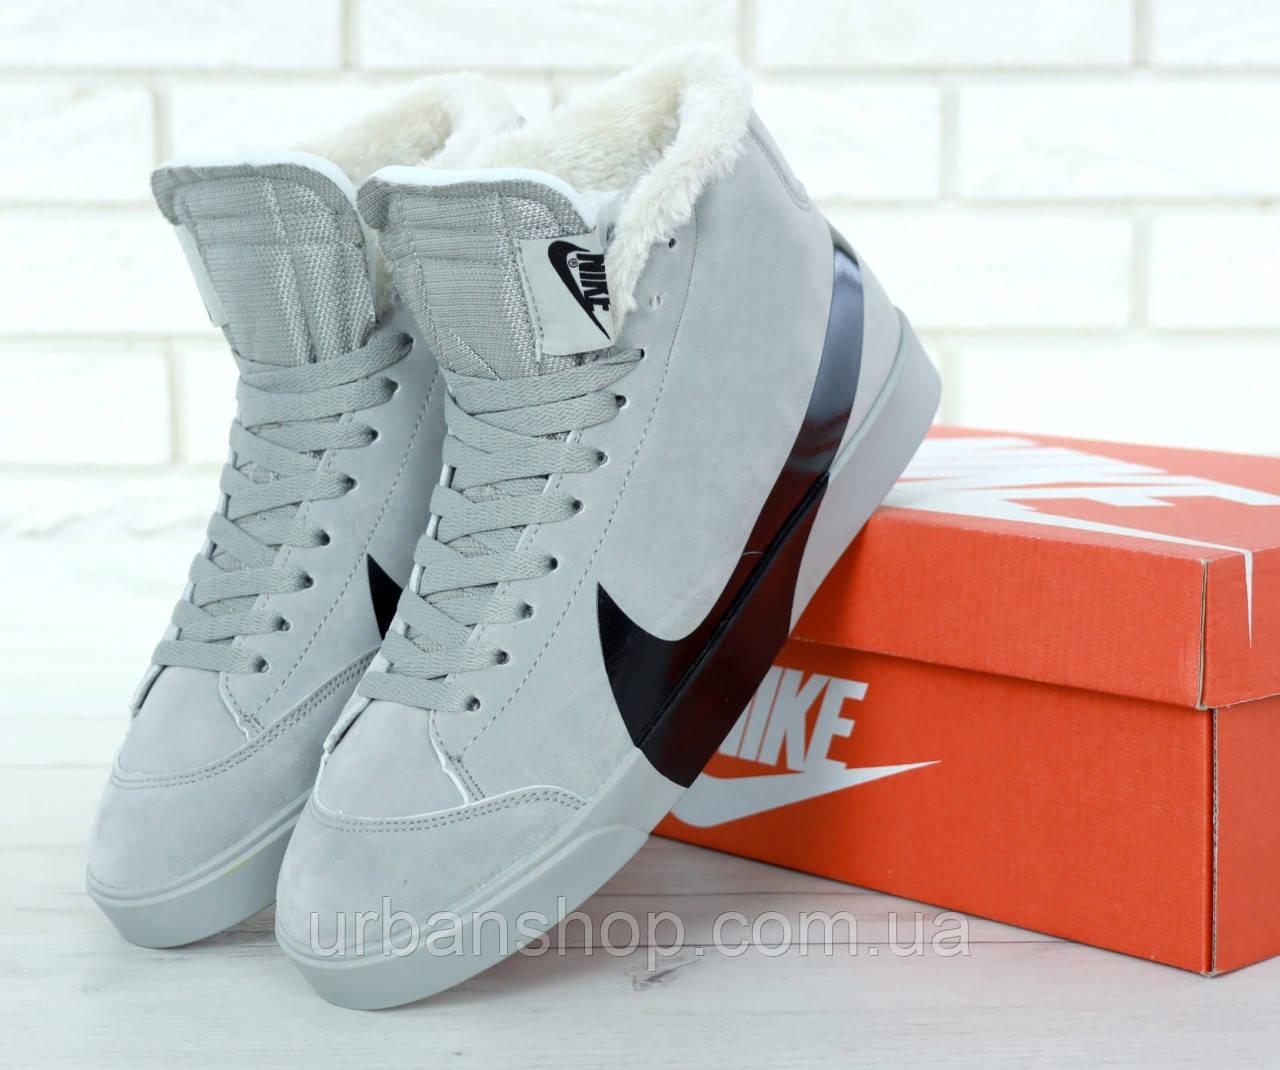 Зимові чоловічі кросівки Nike Blazer Winter Grey с хутром . ТОП Репліка ААА класу.